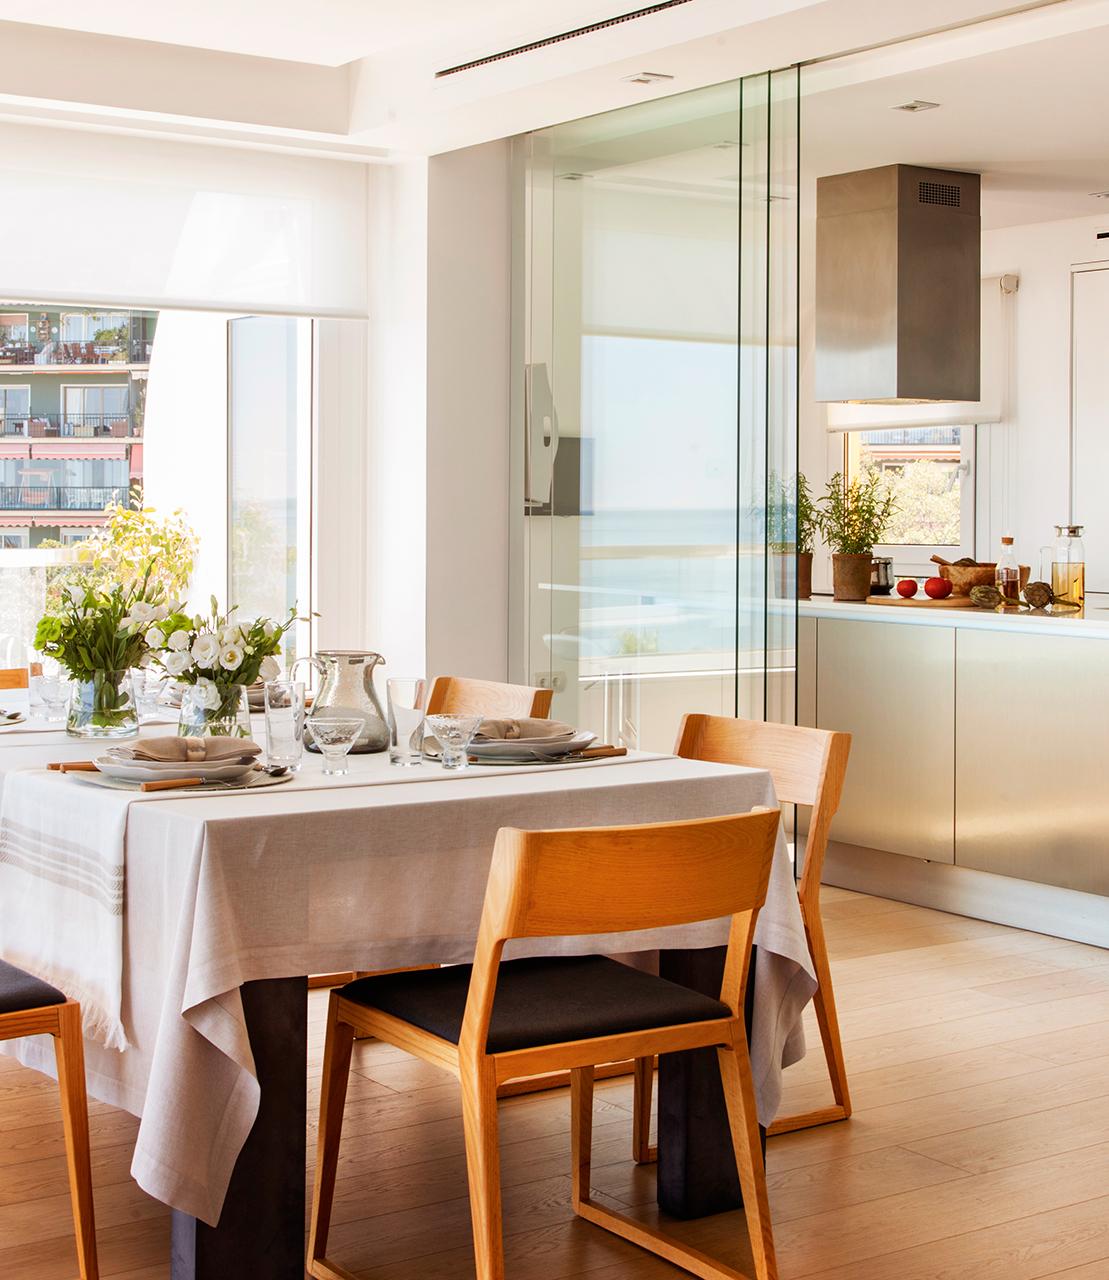 Claves para abrir la cocina al comedor o el sal n y ganar for Mostrar cocinas modernas